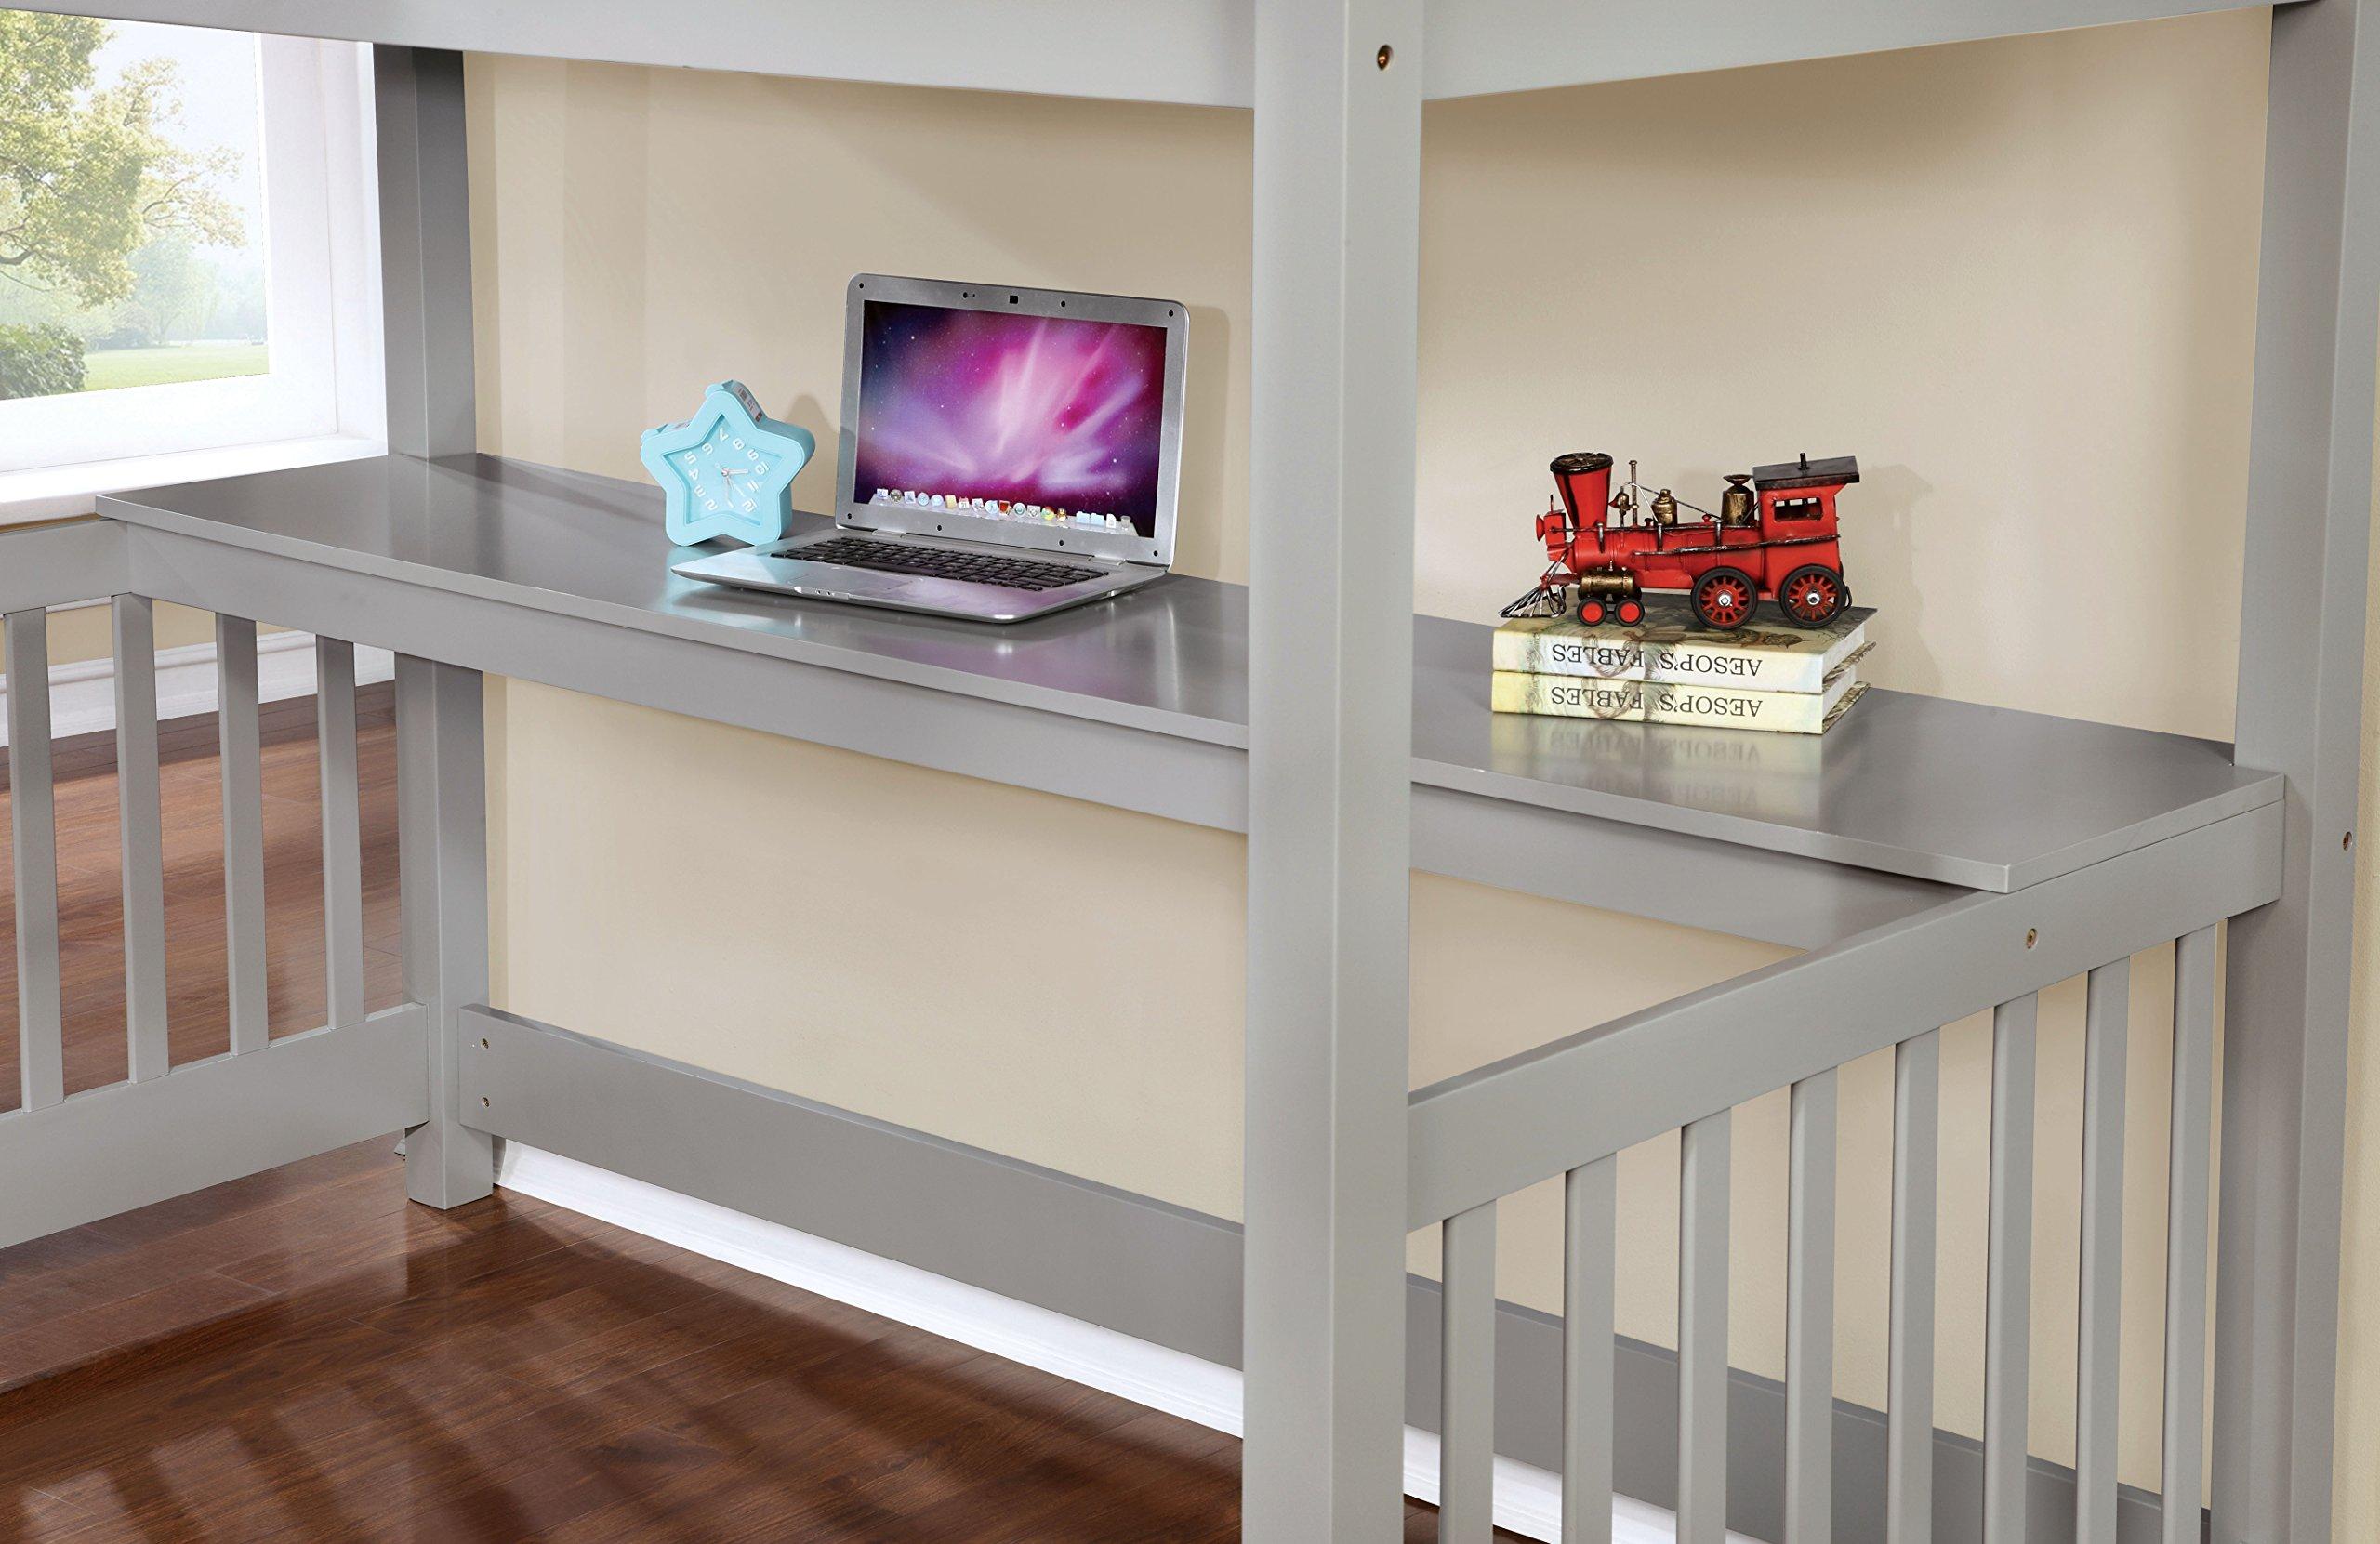 HOMES: Inside + Out IDF-BK614 Duncan Bunk Bed Childrens Frames, Twin/Twin by HOMES: Inside + Out (Image #1)